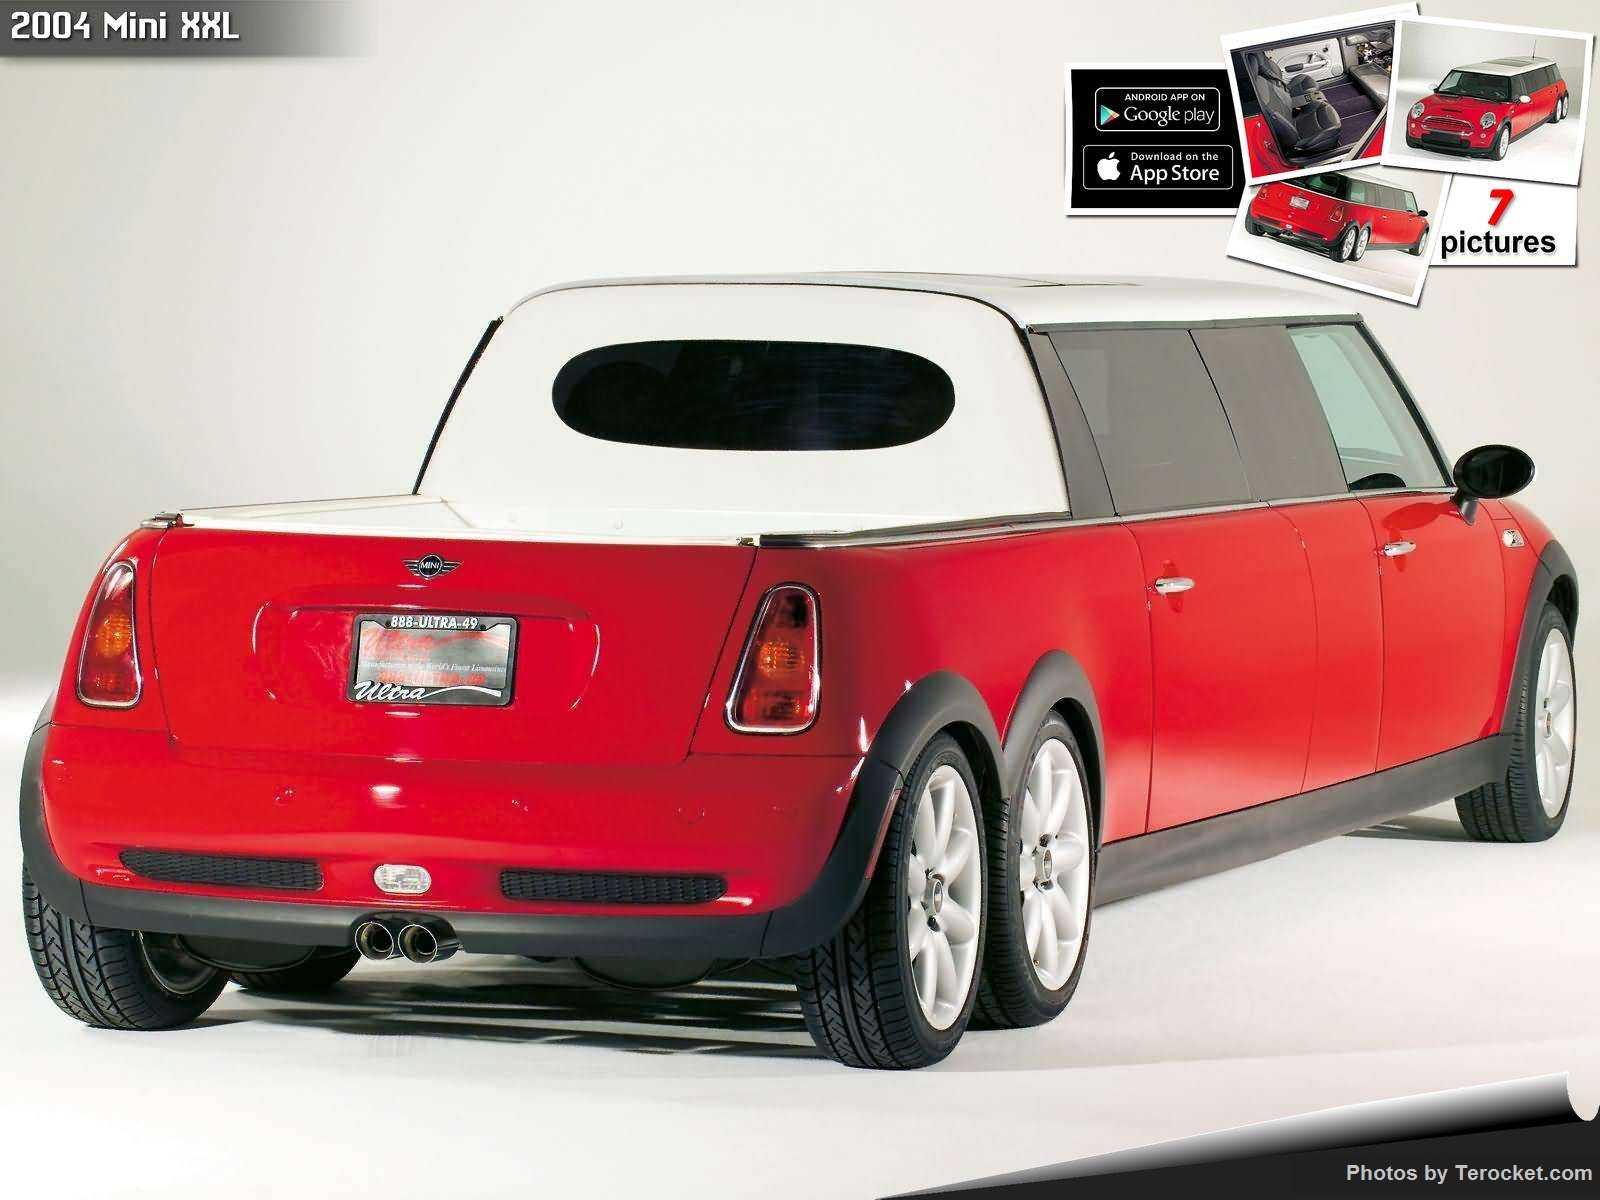 Hình ảnh xe ô tô Mini XXL 2004 & nội ngoại thất